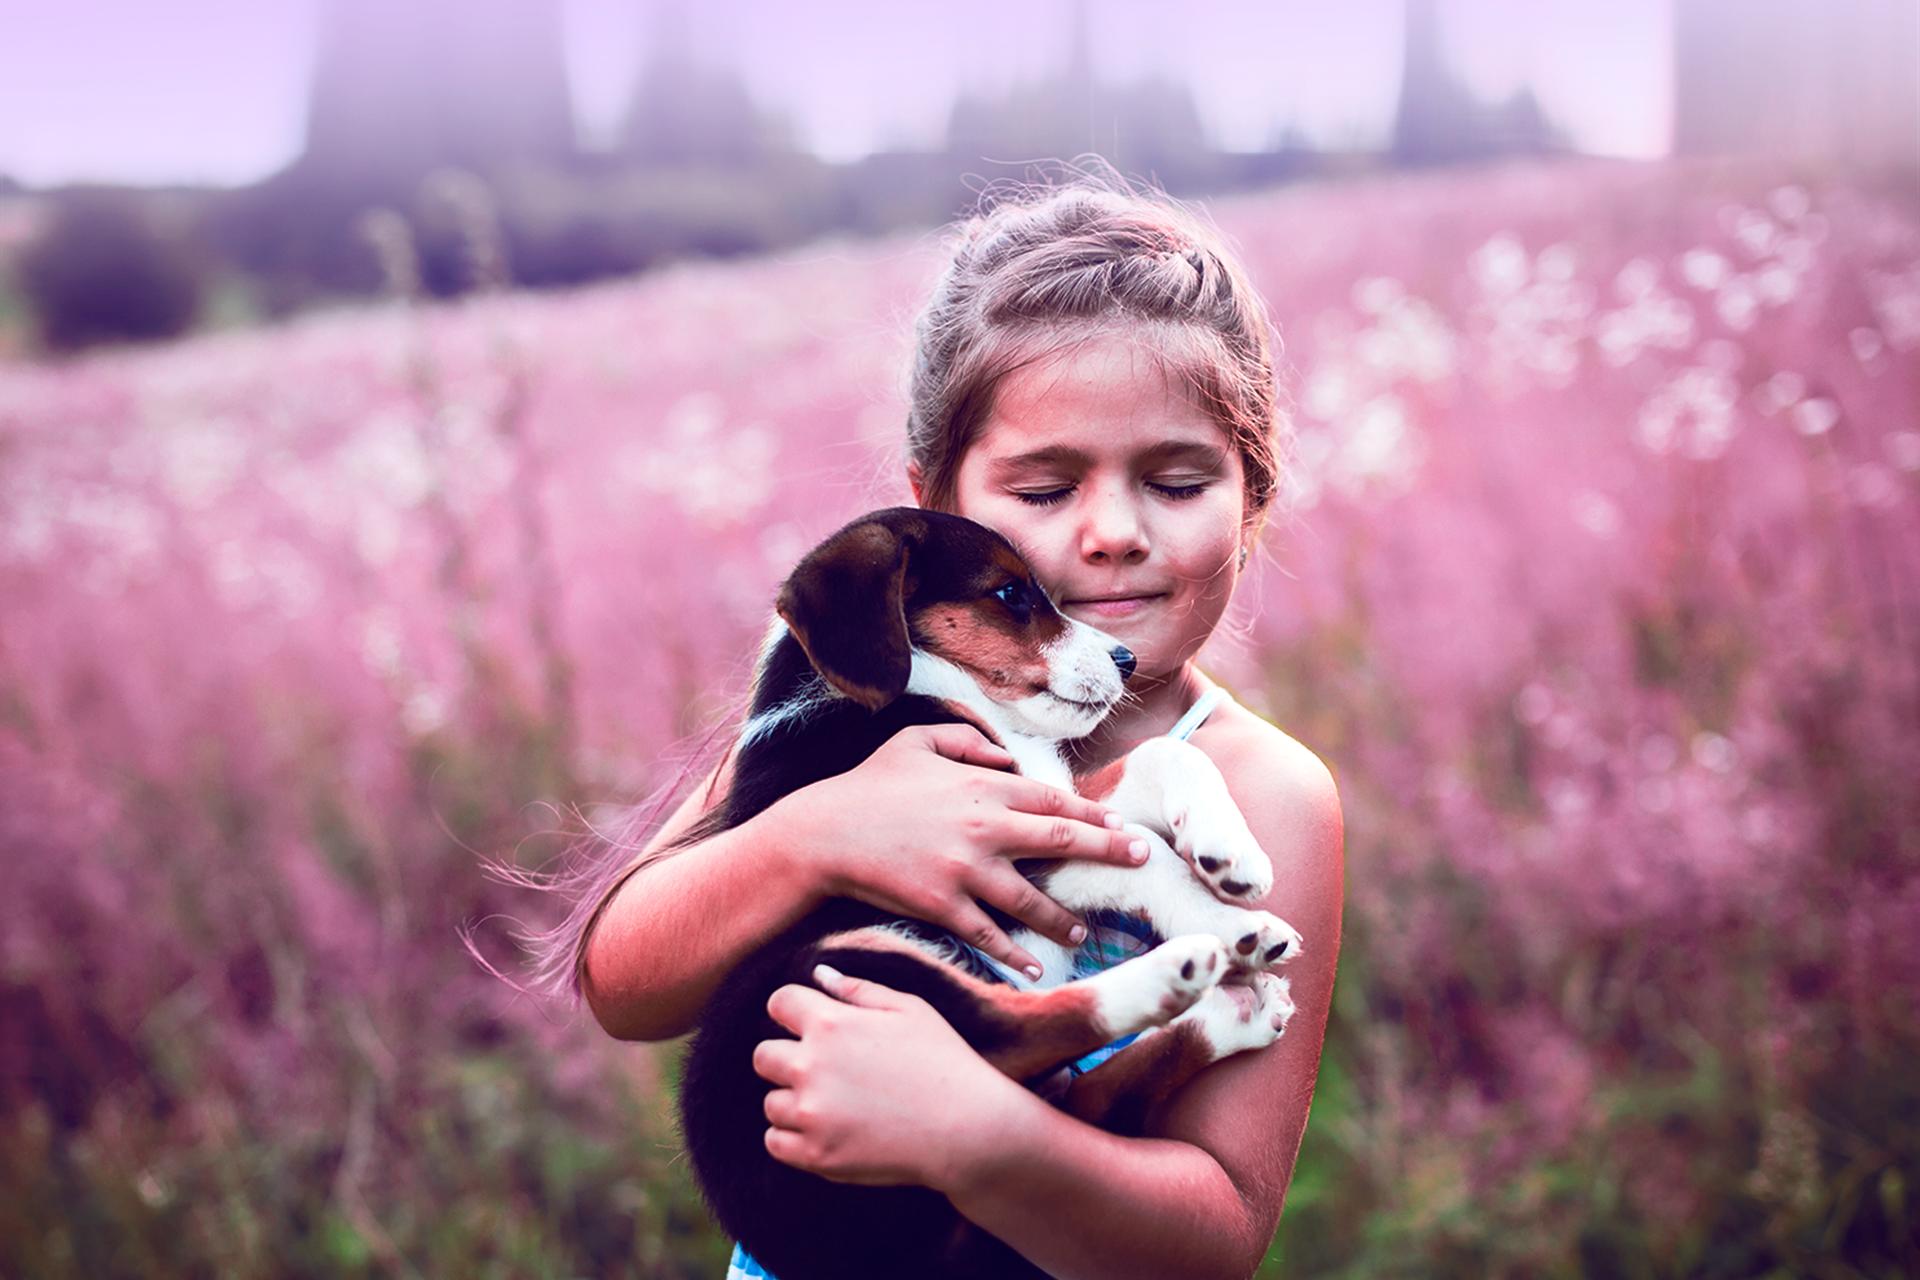 Quatro passos para desenvolver a compaixão